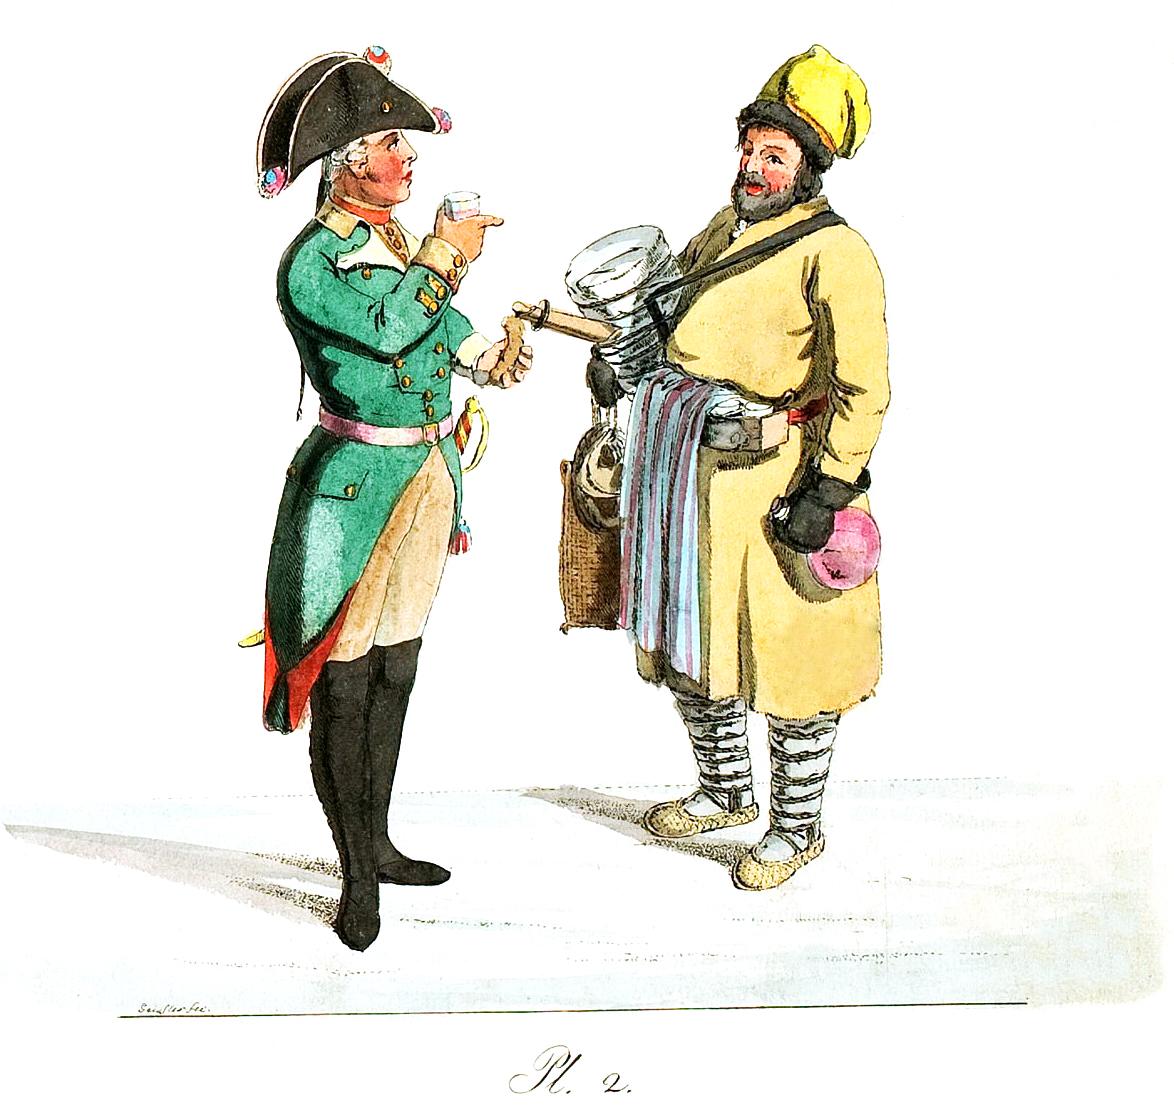 2. Getränkeverkäufers und eines Soldaten / Продавец напитков и солдат